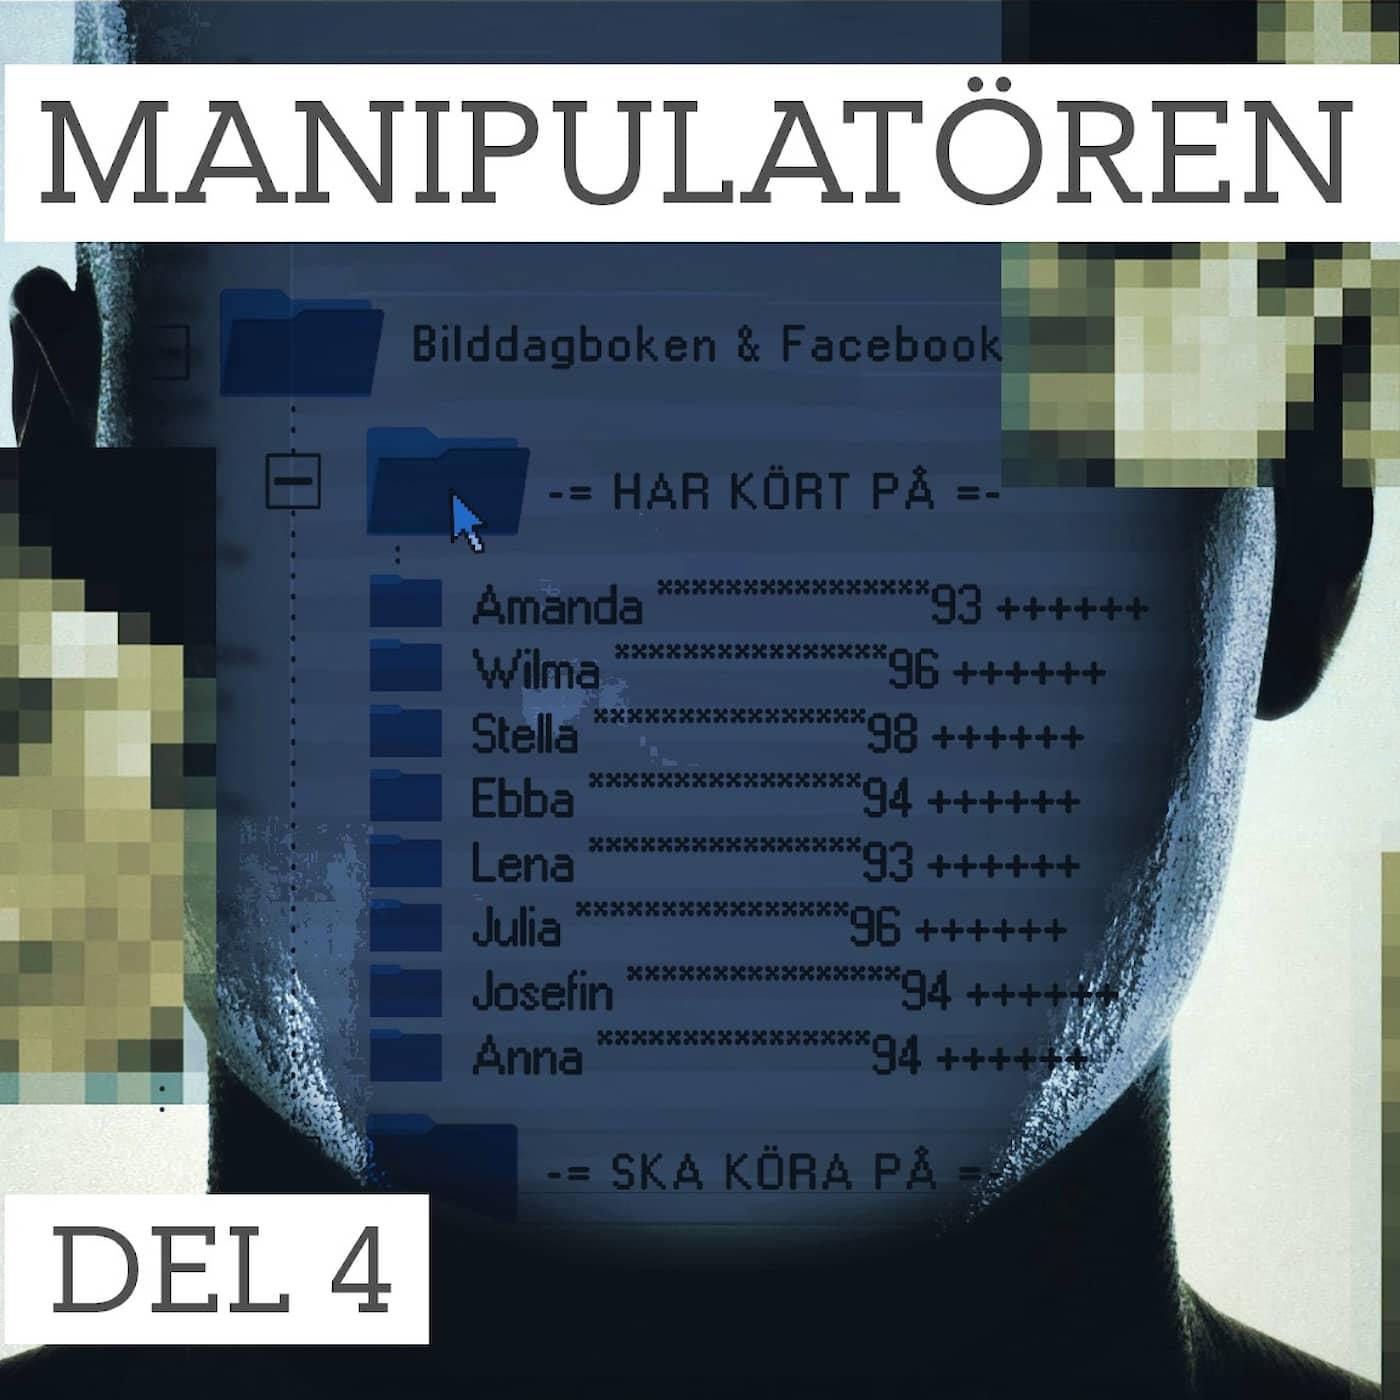 Del 4/5 Manipulatören – mardrömmen börjar om